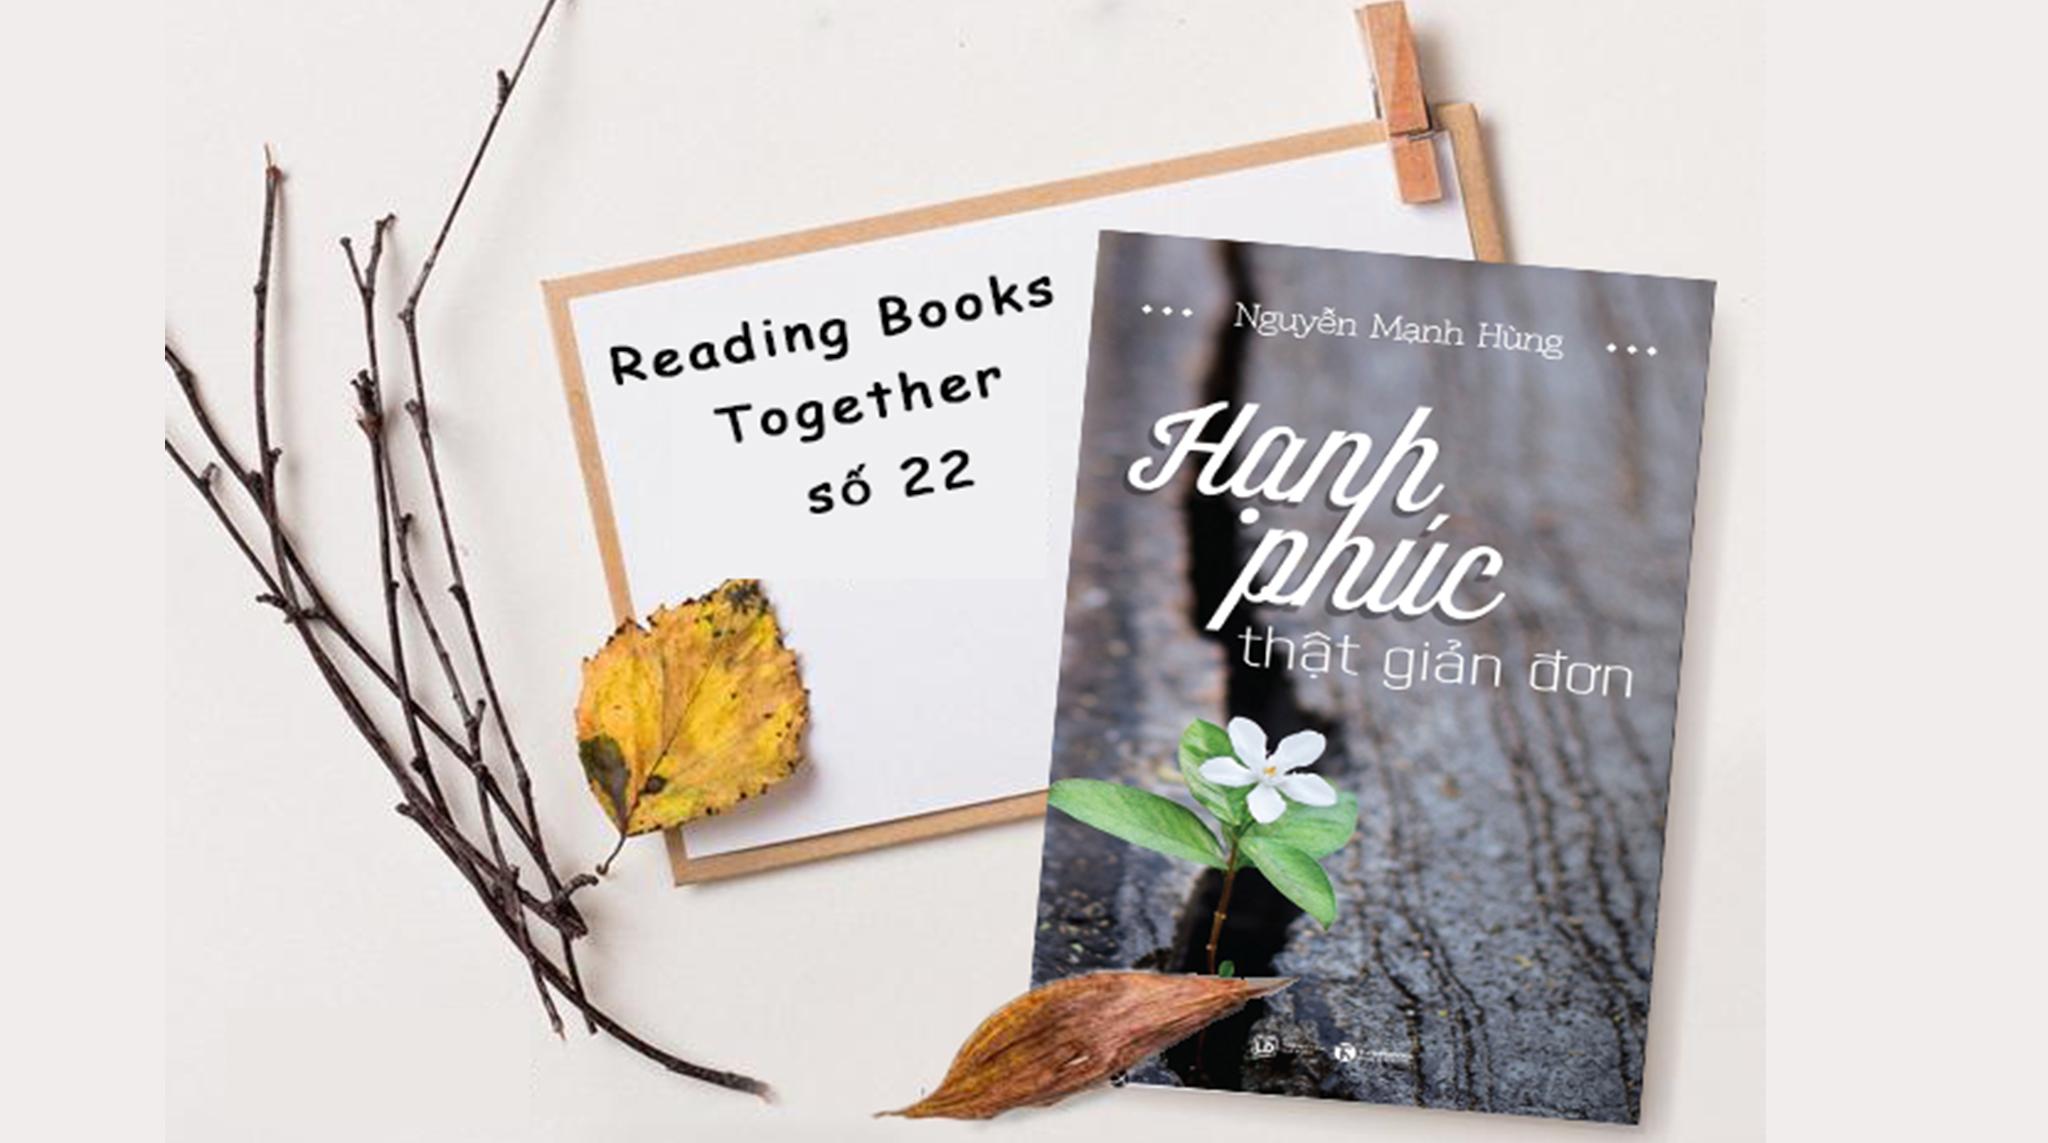 Reading Books Together số 22: Hạnh phúc thật giản đơn